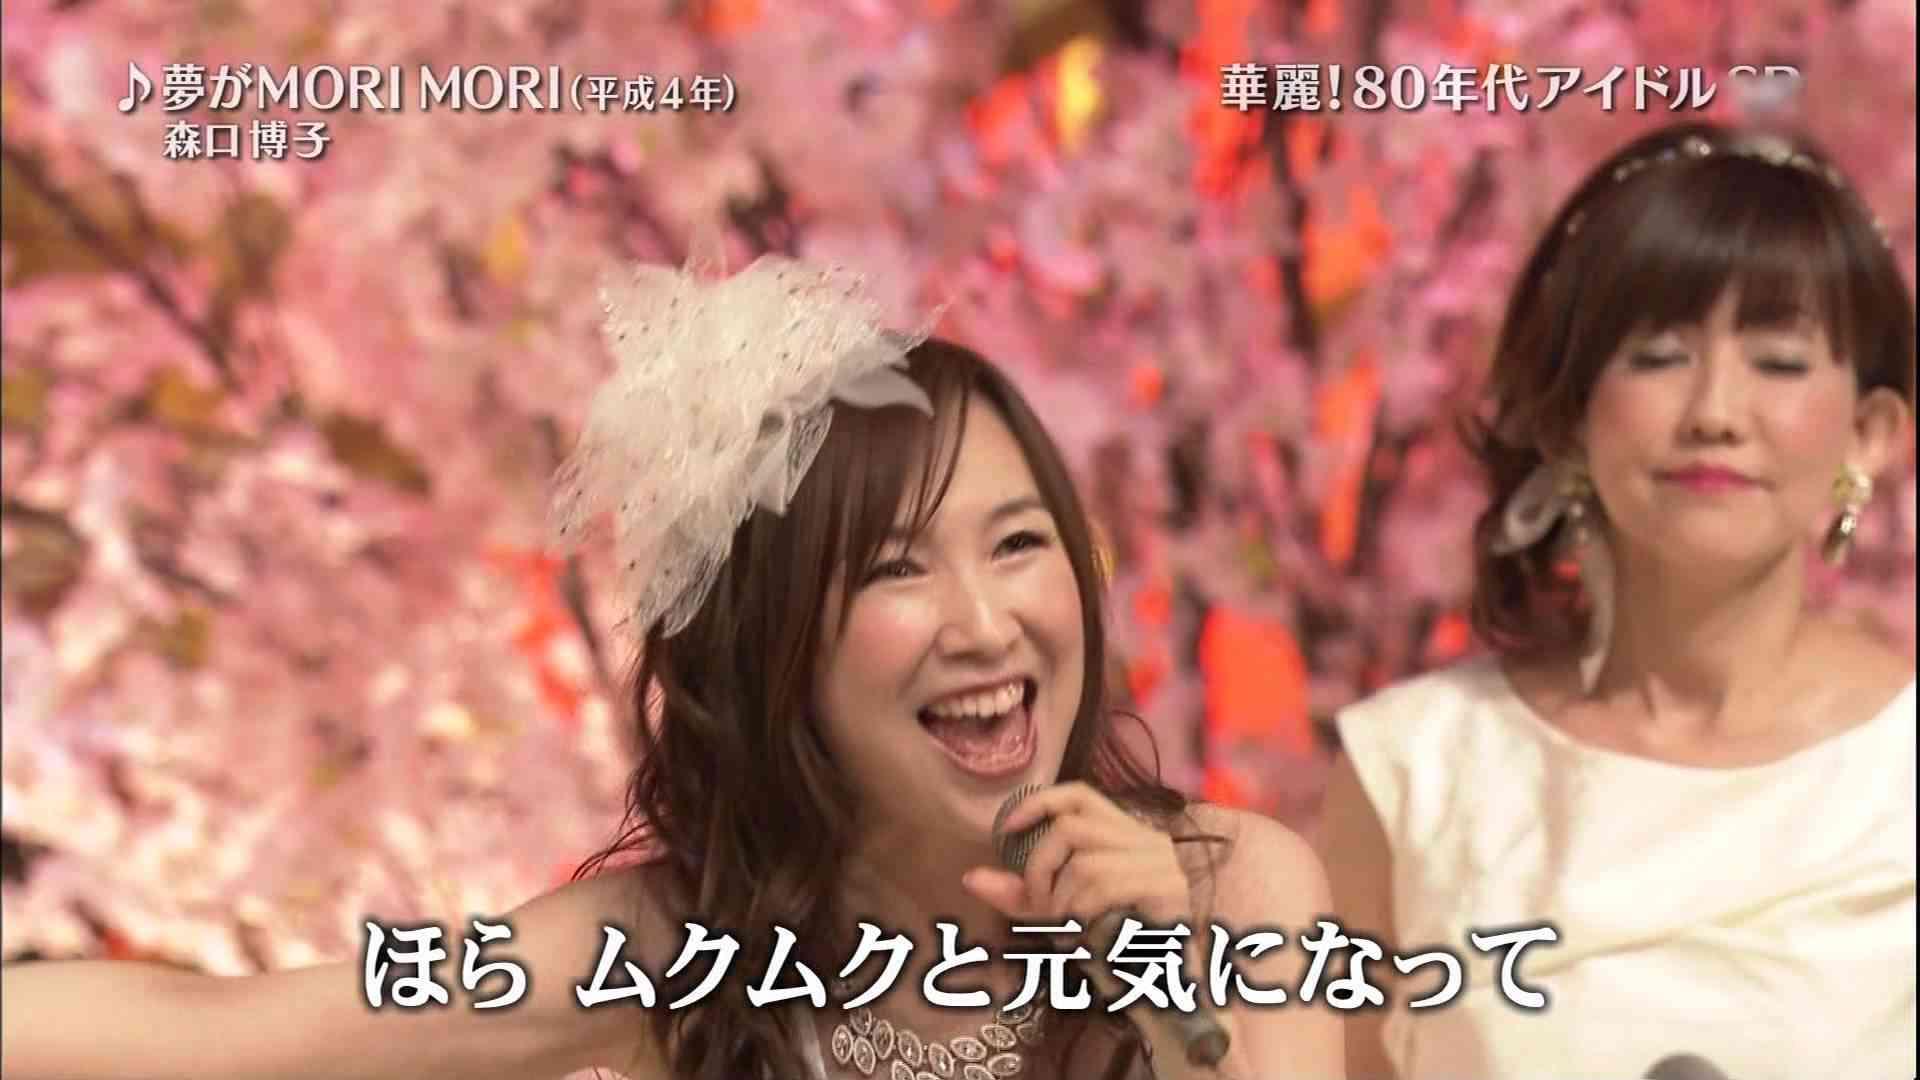 森口博子 夢がMORI MORI (2015年3月) - YouTube